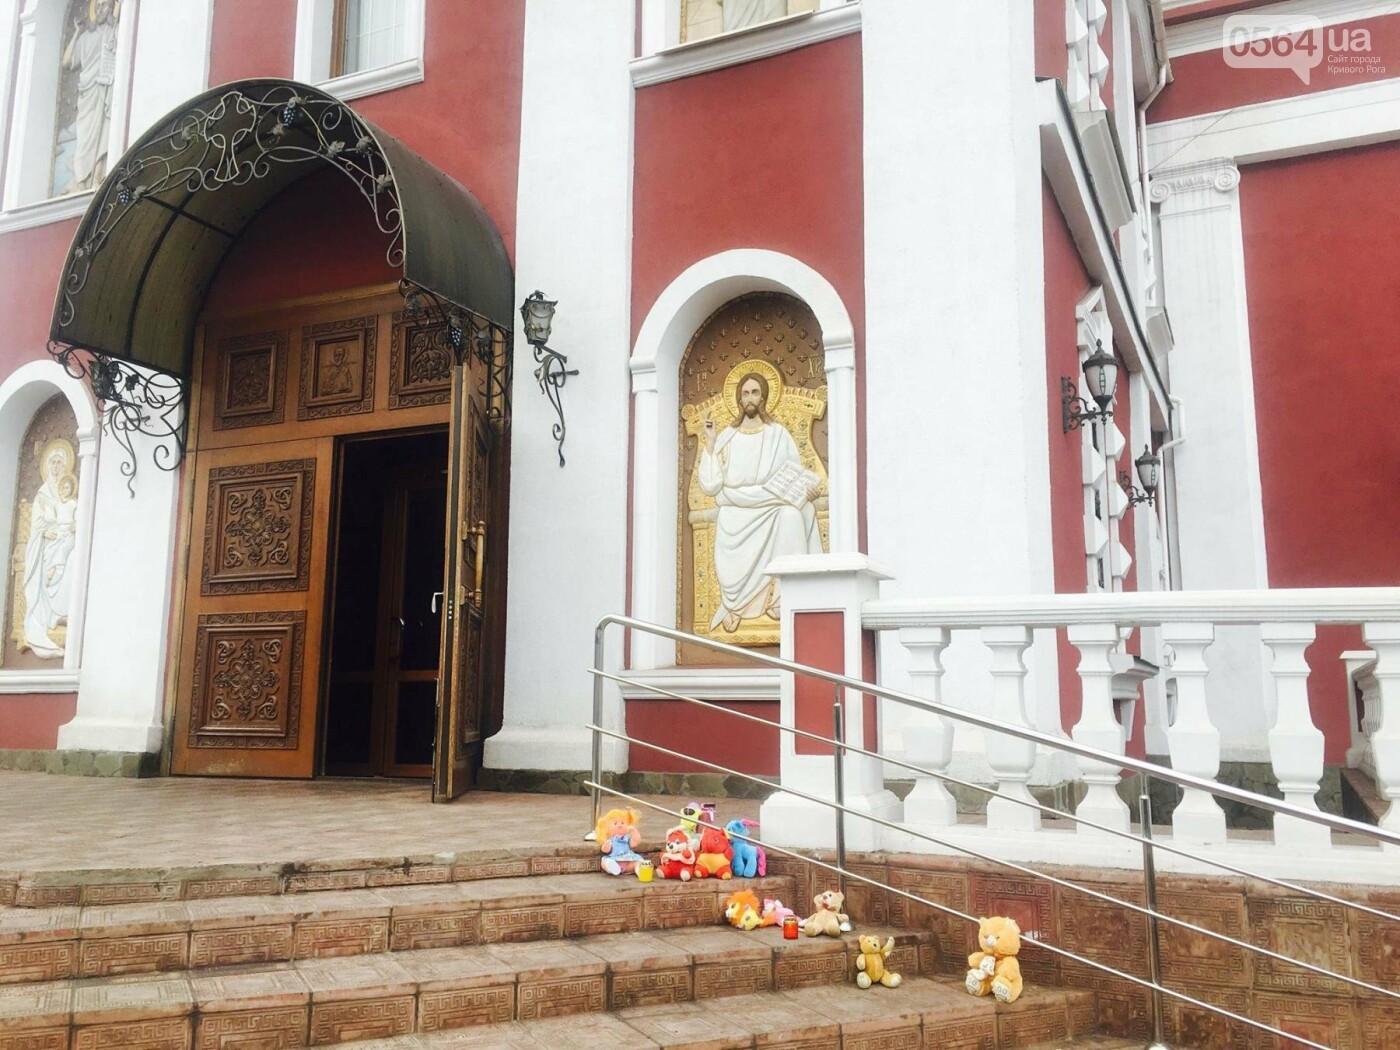 Криворожане, протестуя против политики УПЦ Московского патриархата,  принесли игрушки к храму (ФОТО, ВИДЕО), фото-15